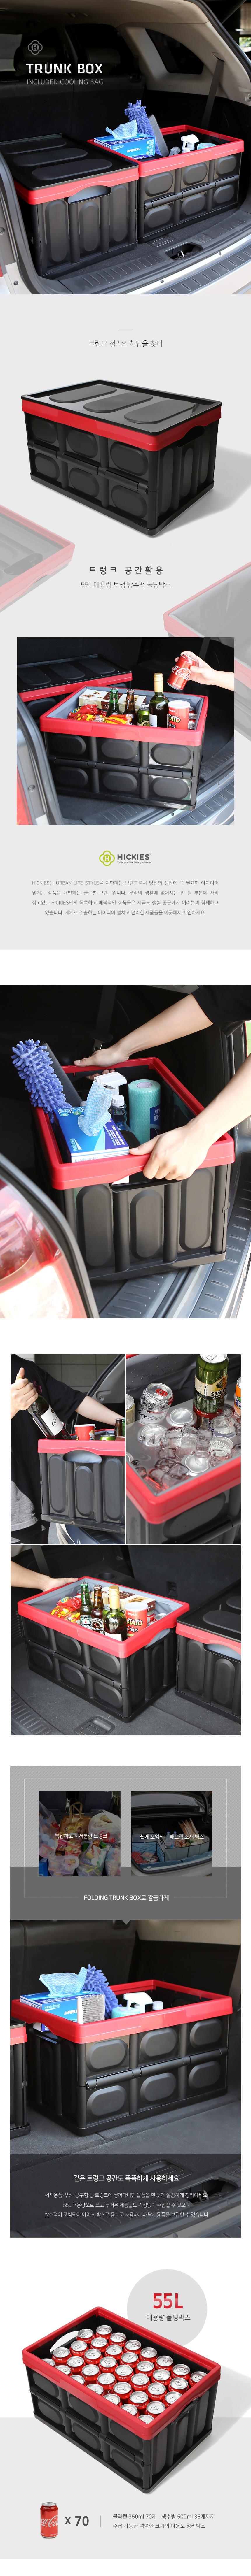 캠핑낚시 정리 보냉 방수팩 커버 55L 폴딩 트렁크박스 - 히키스, 23,800원, 차량용포켓/수납용품, 트렁크정리